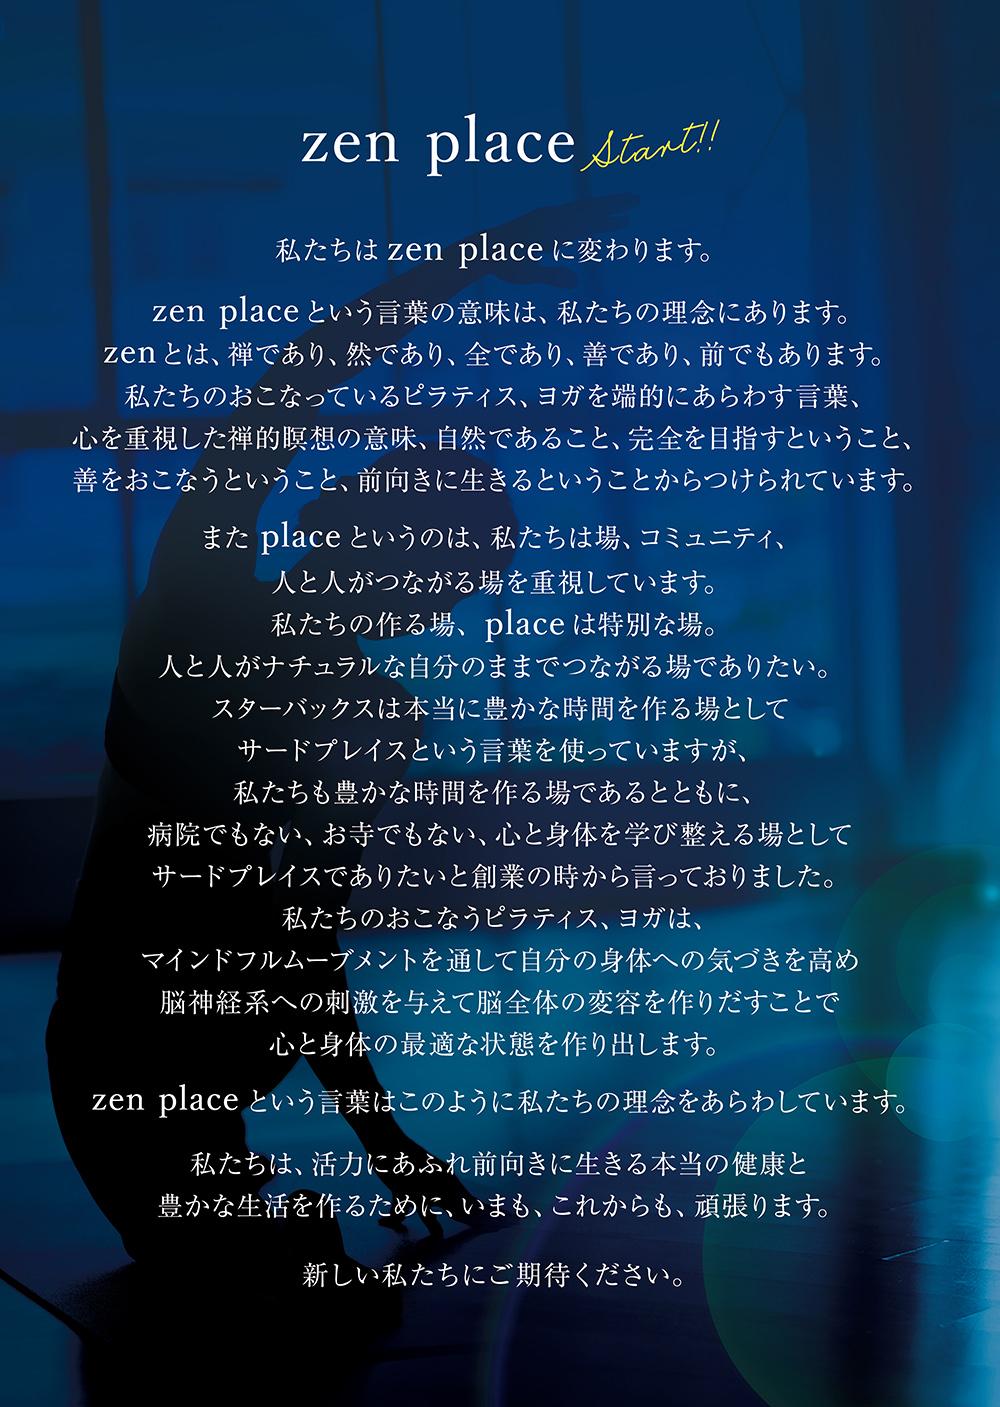 ヨガプラスがzen place(ゼンプレイス)に名称変更